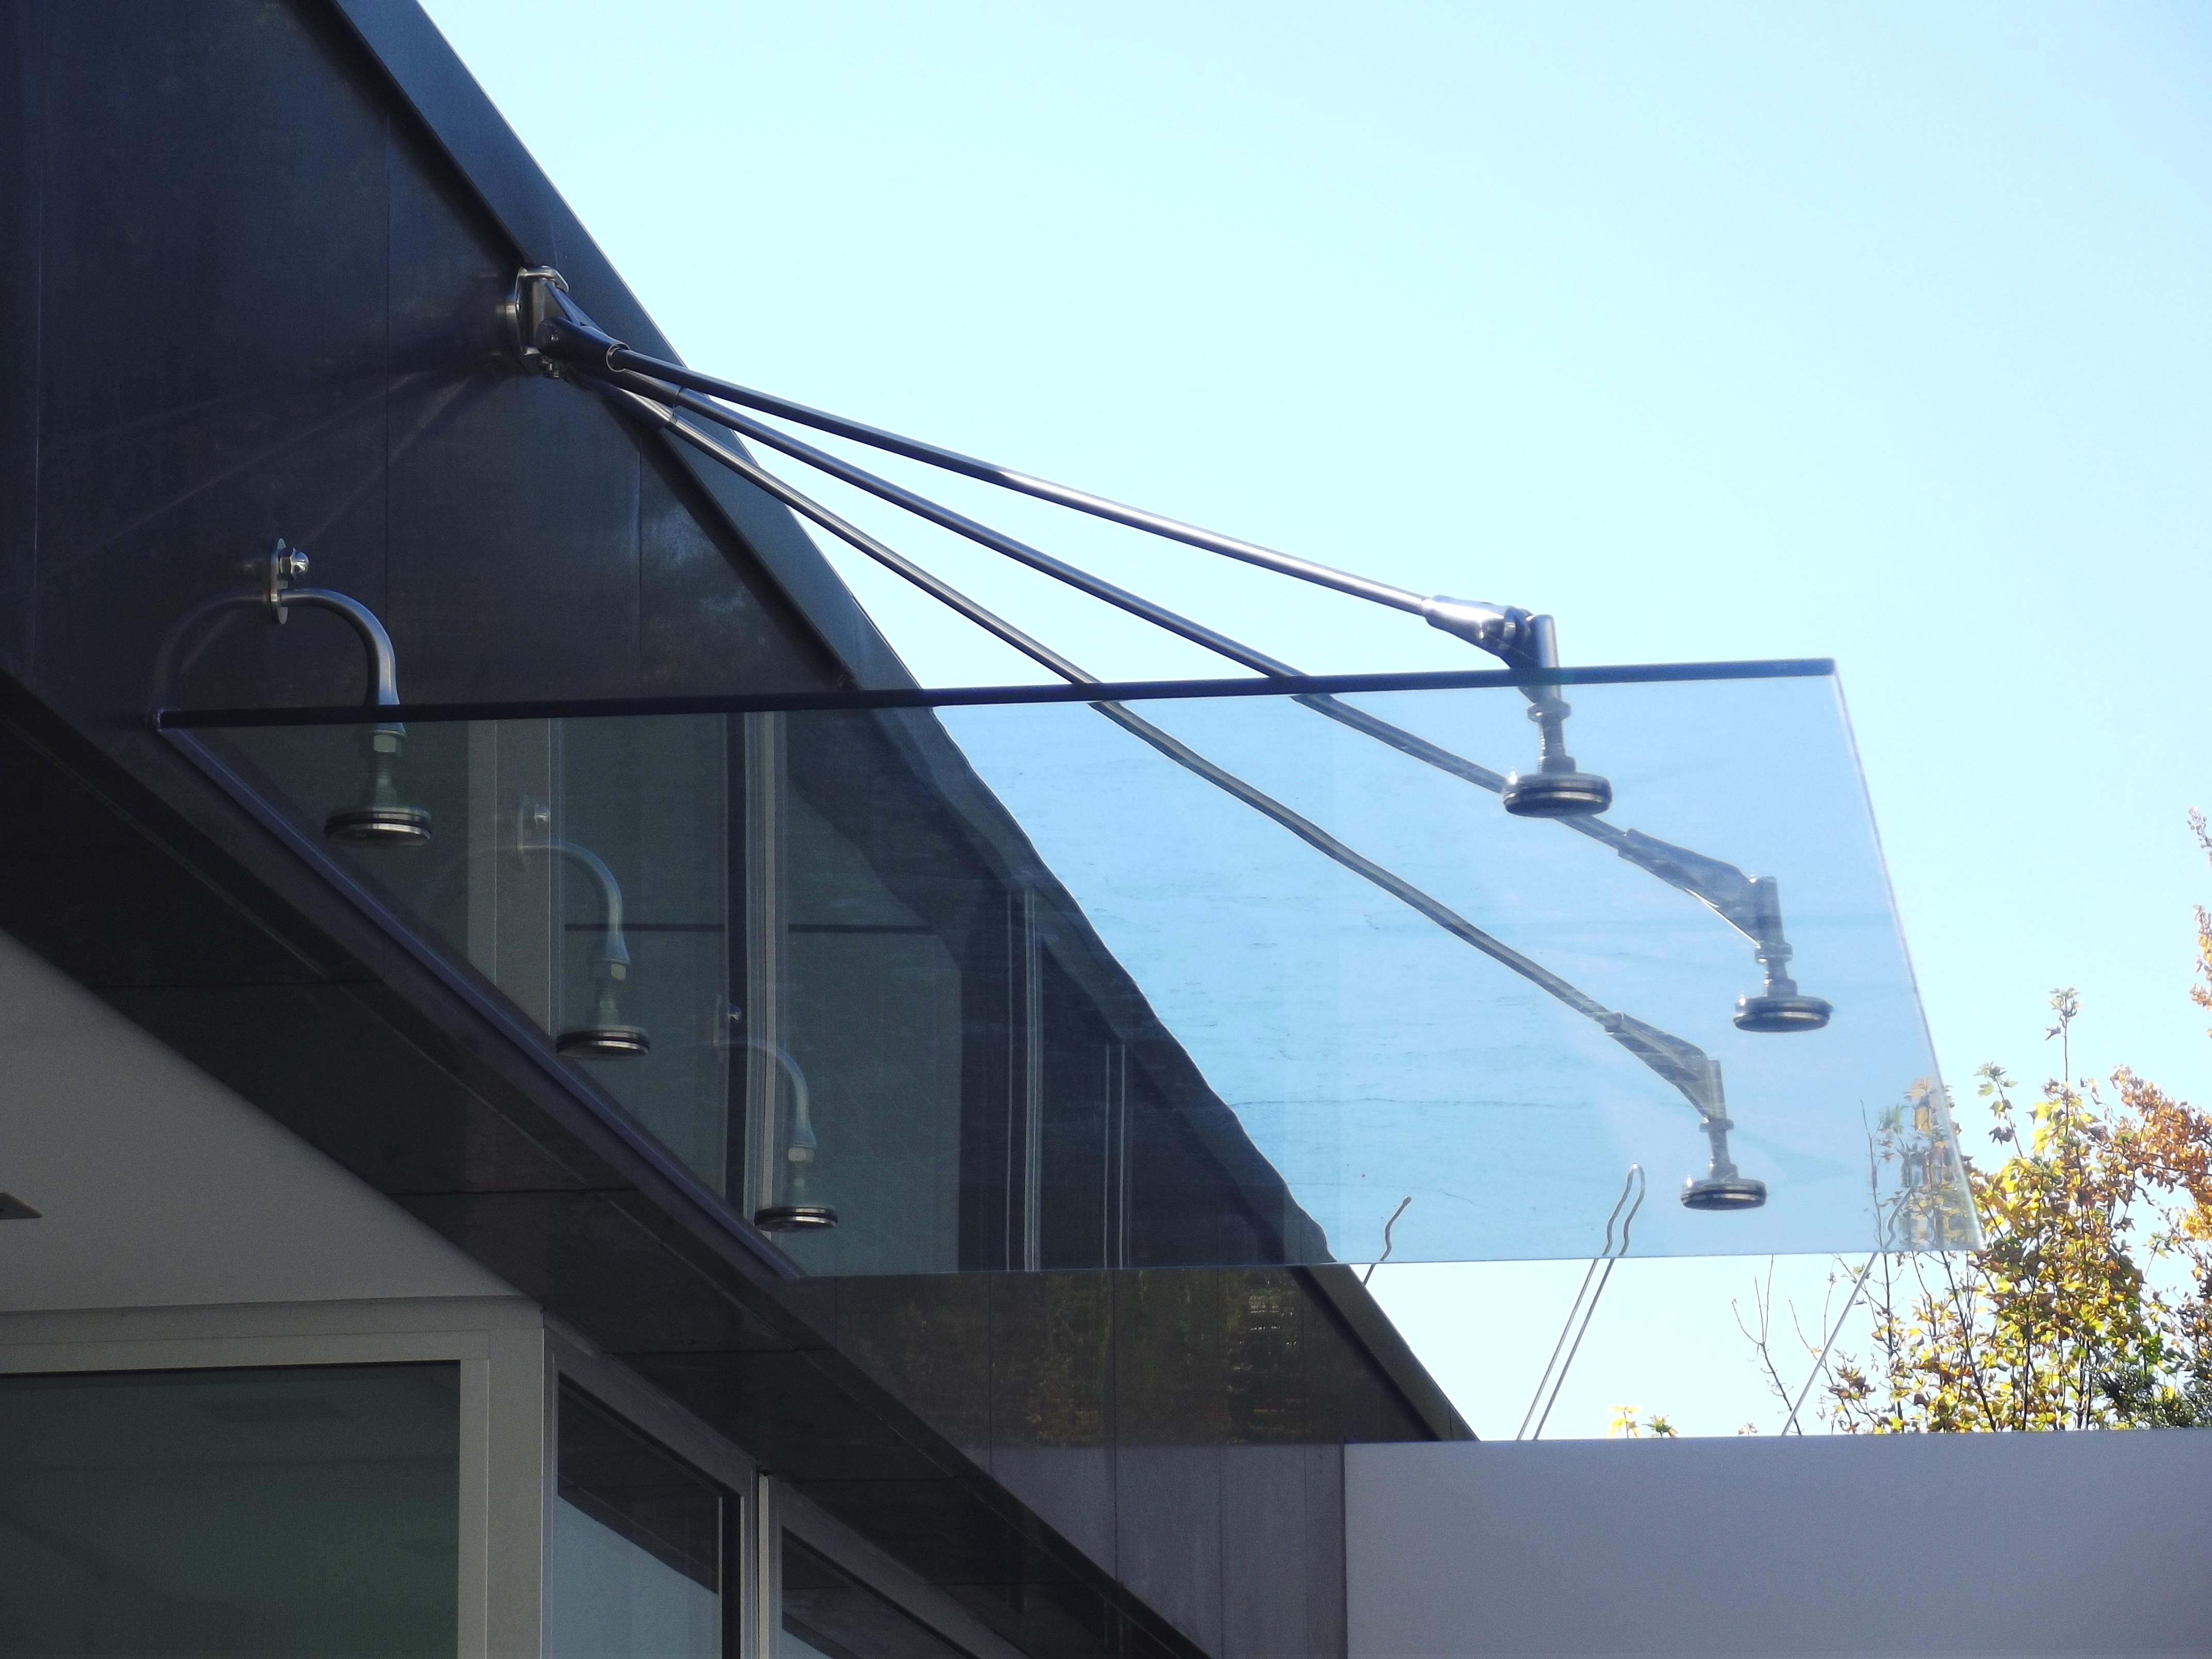 South Island 012.jpg & Austvision TieRod Canopy